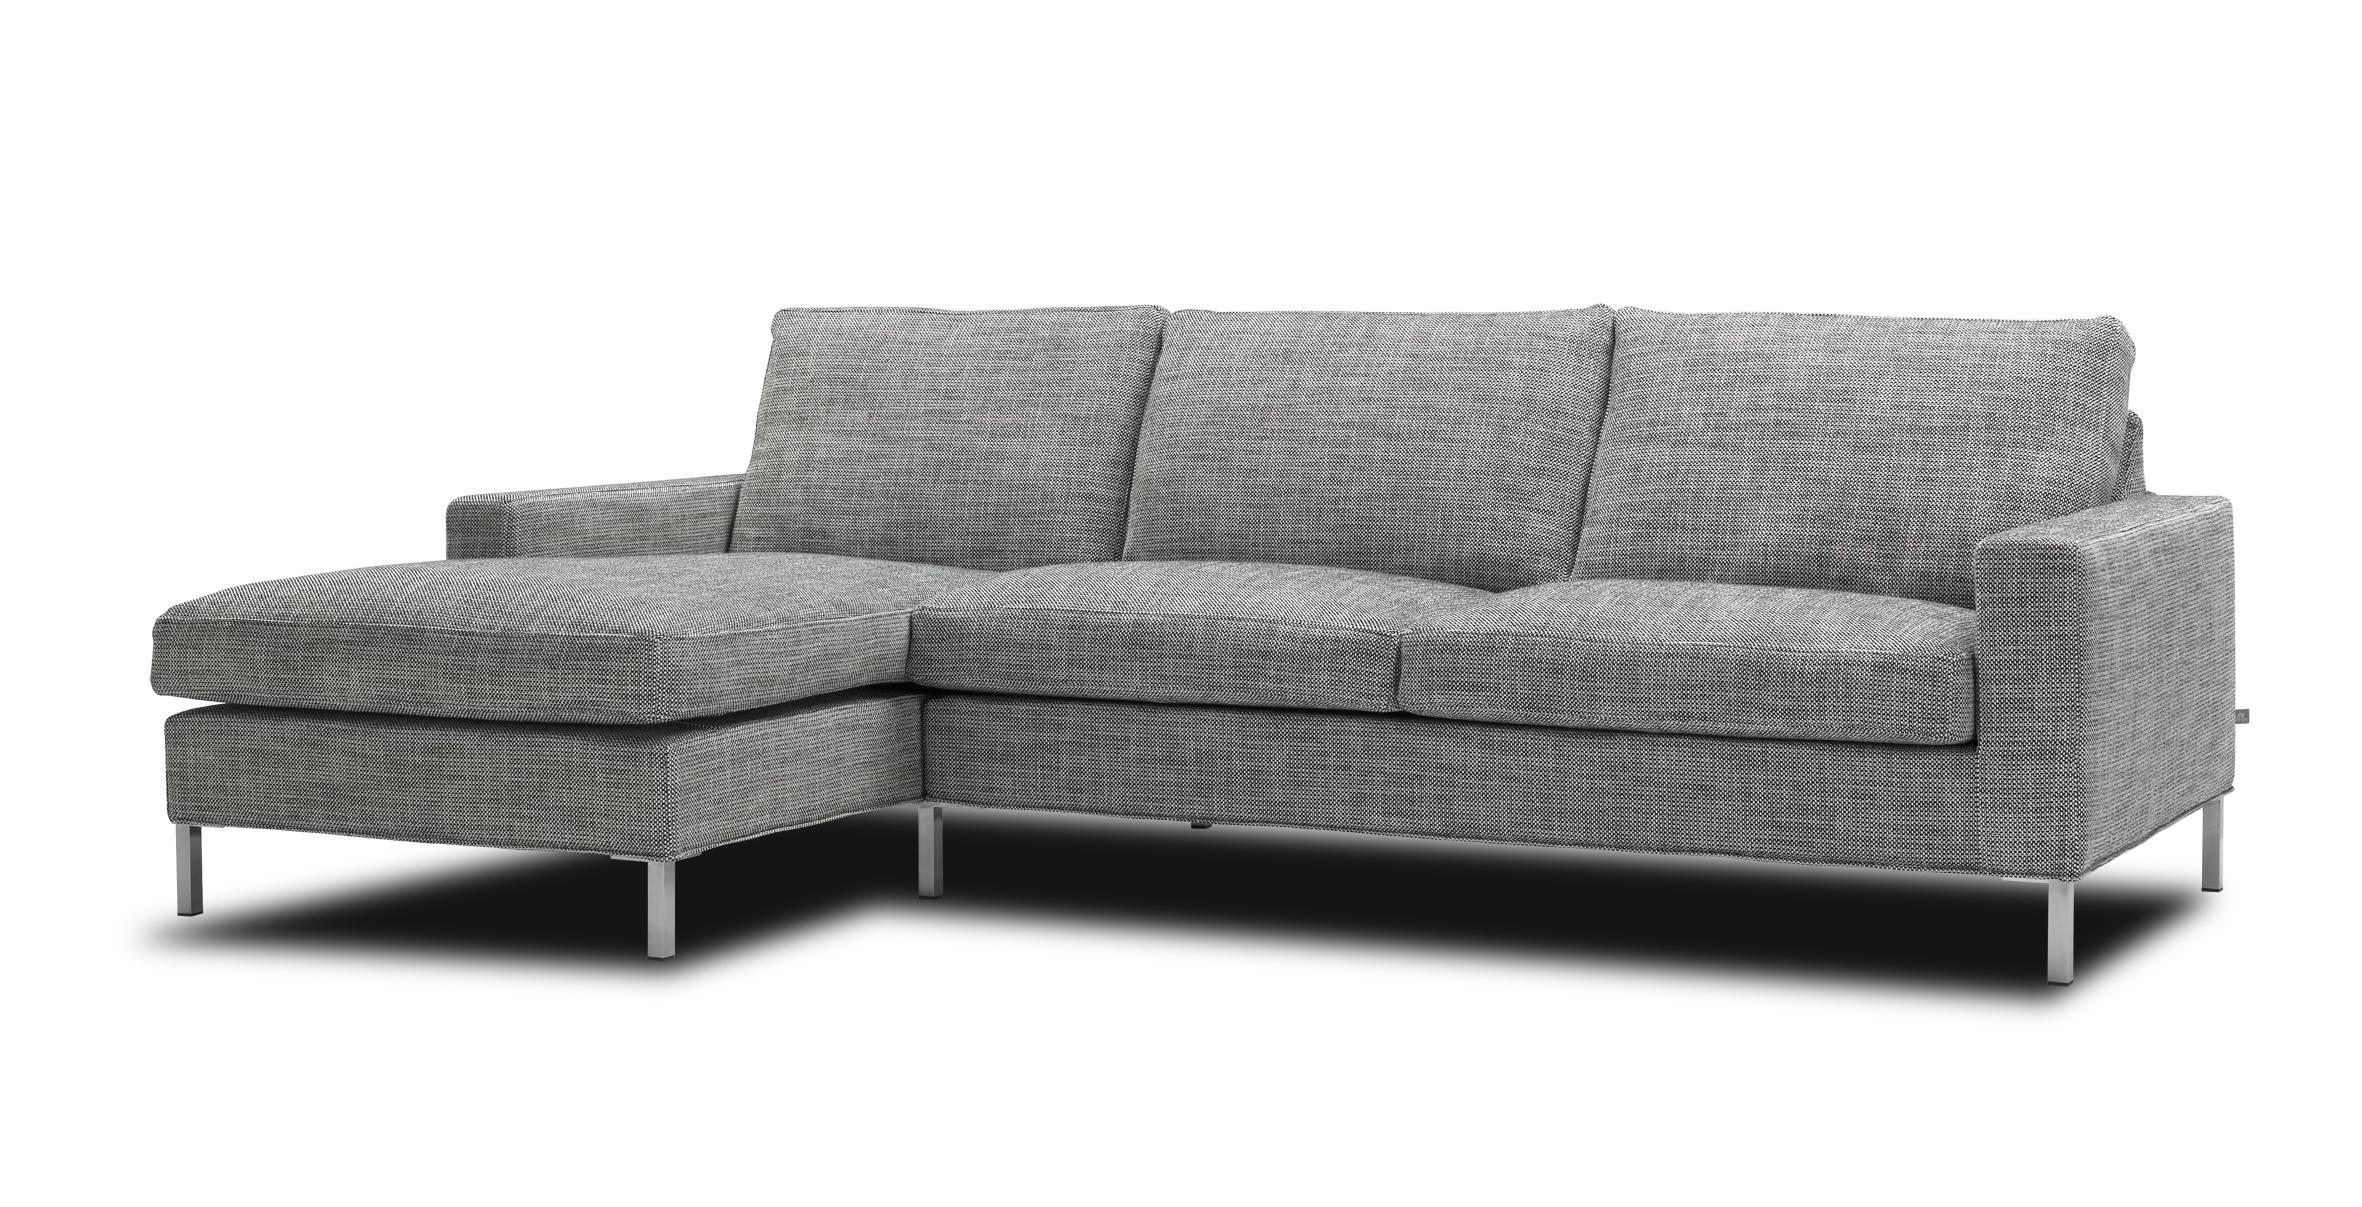 Designbutiken Se Com Eilersen Soffa Odense Med Schäslong